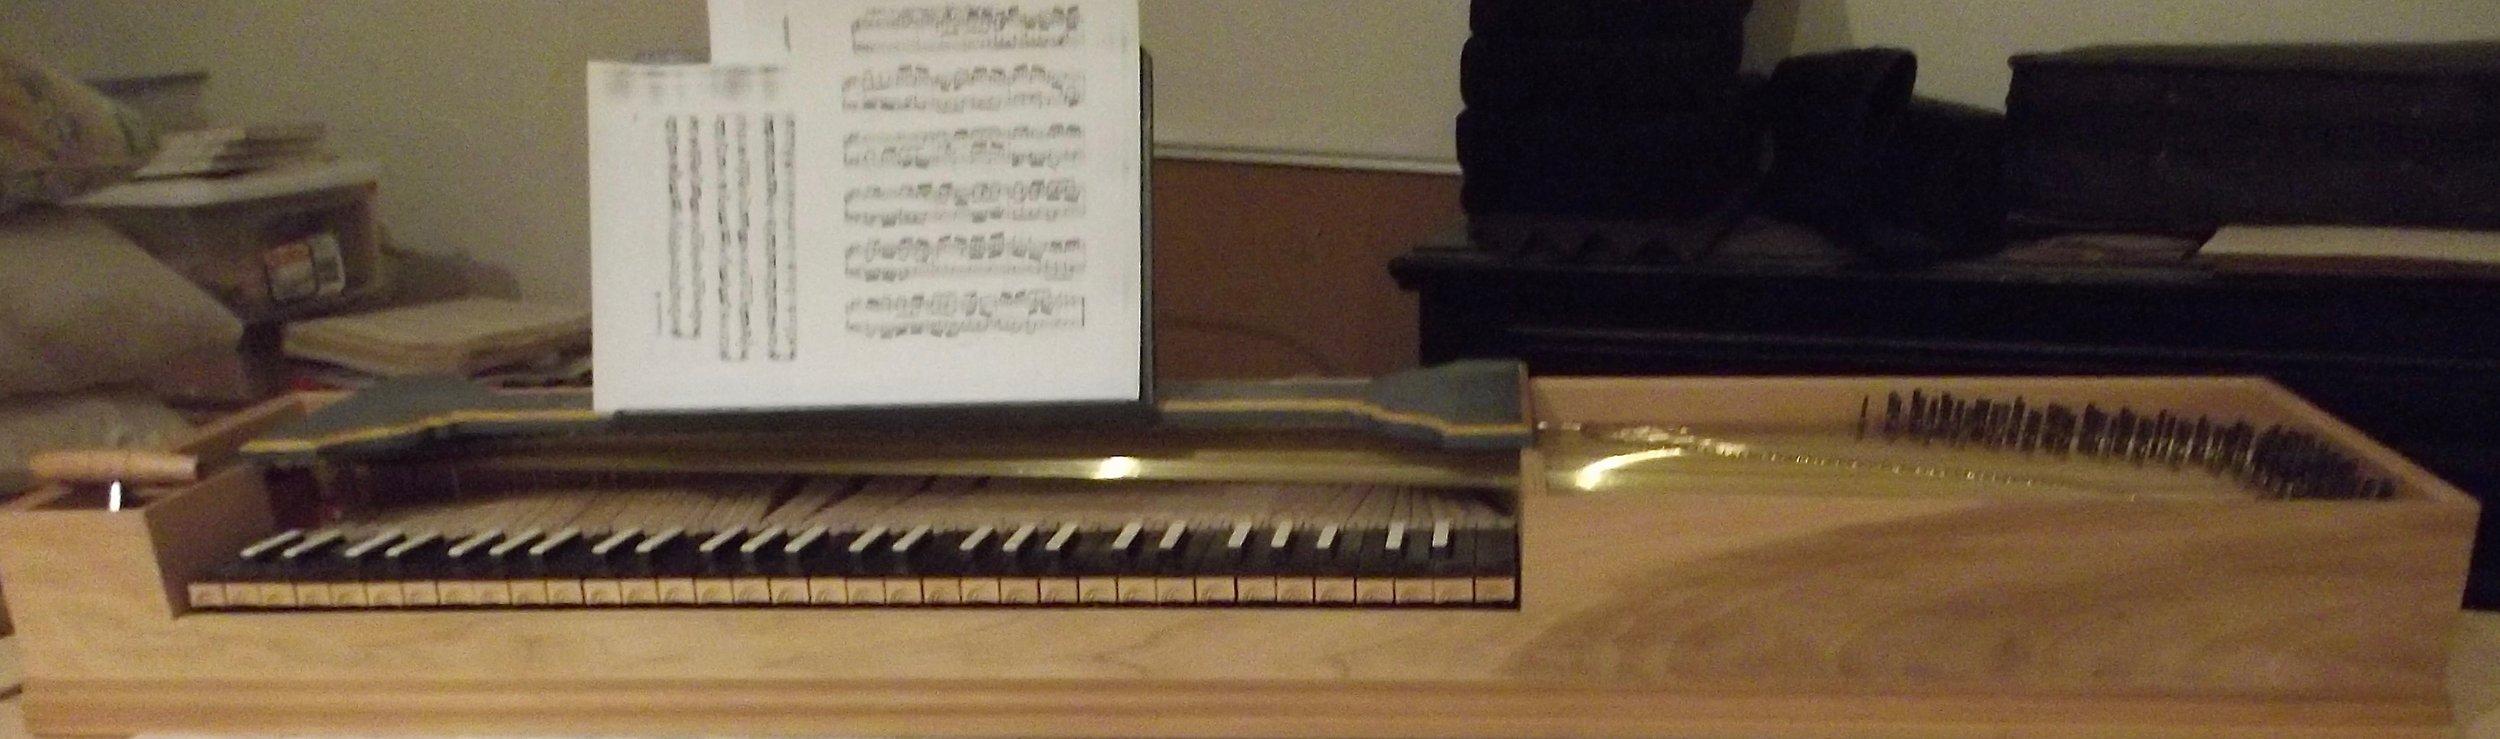 Hubert Clavichord Opus 489 made in 2016.jpg